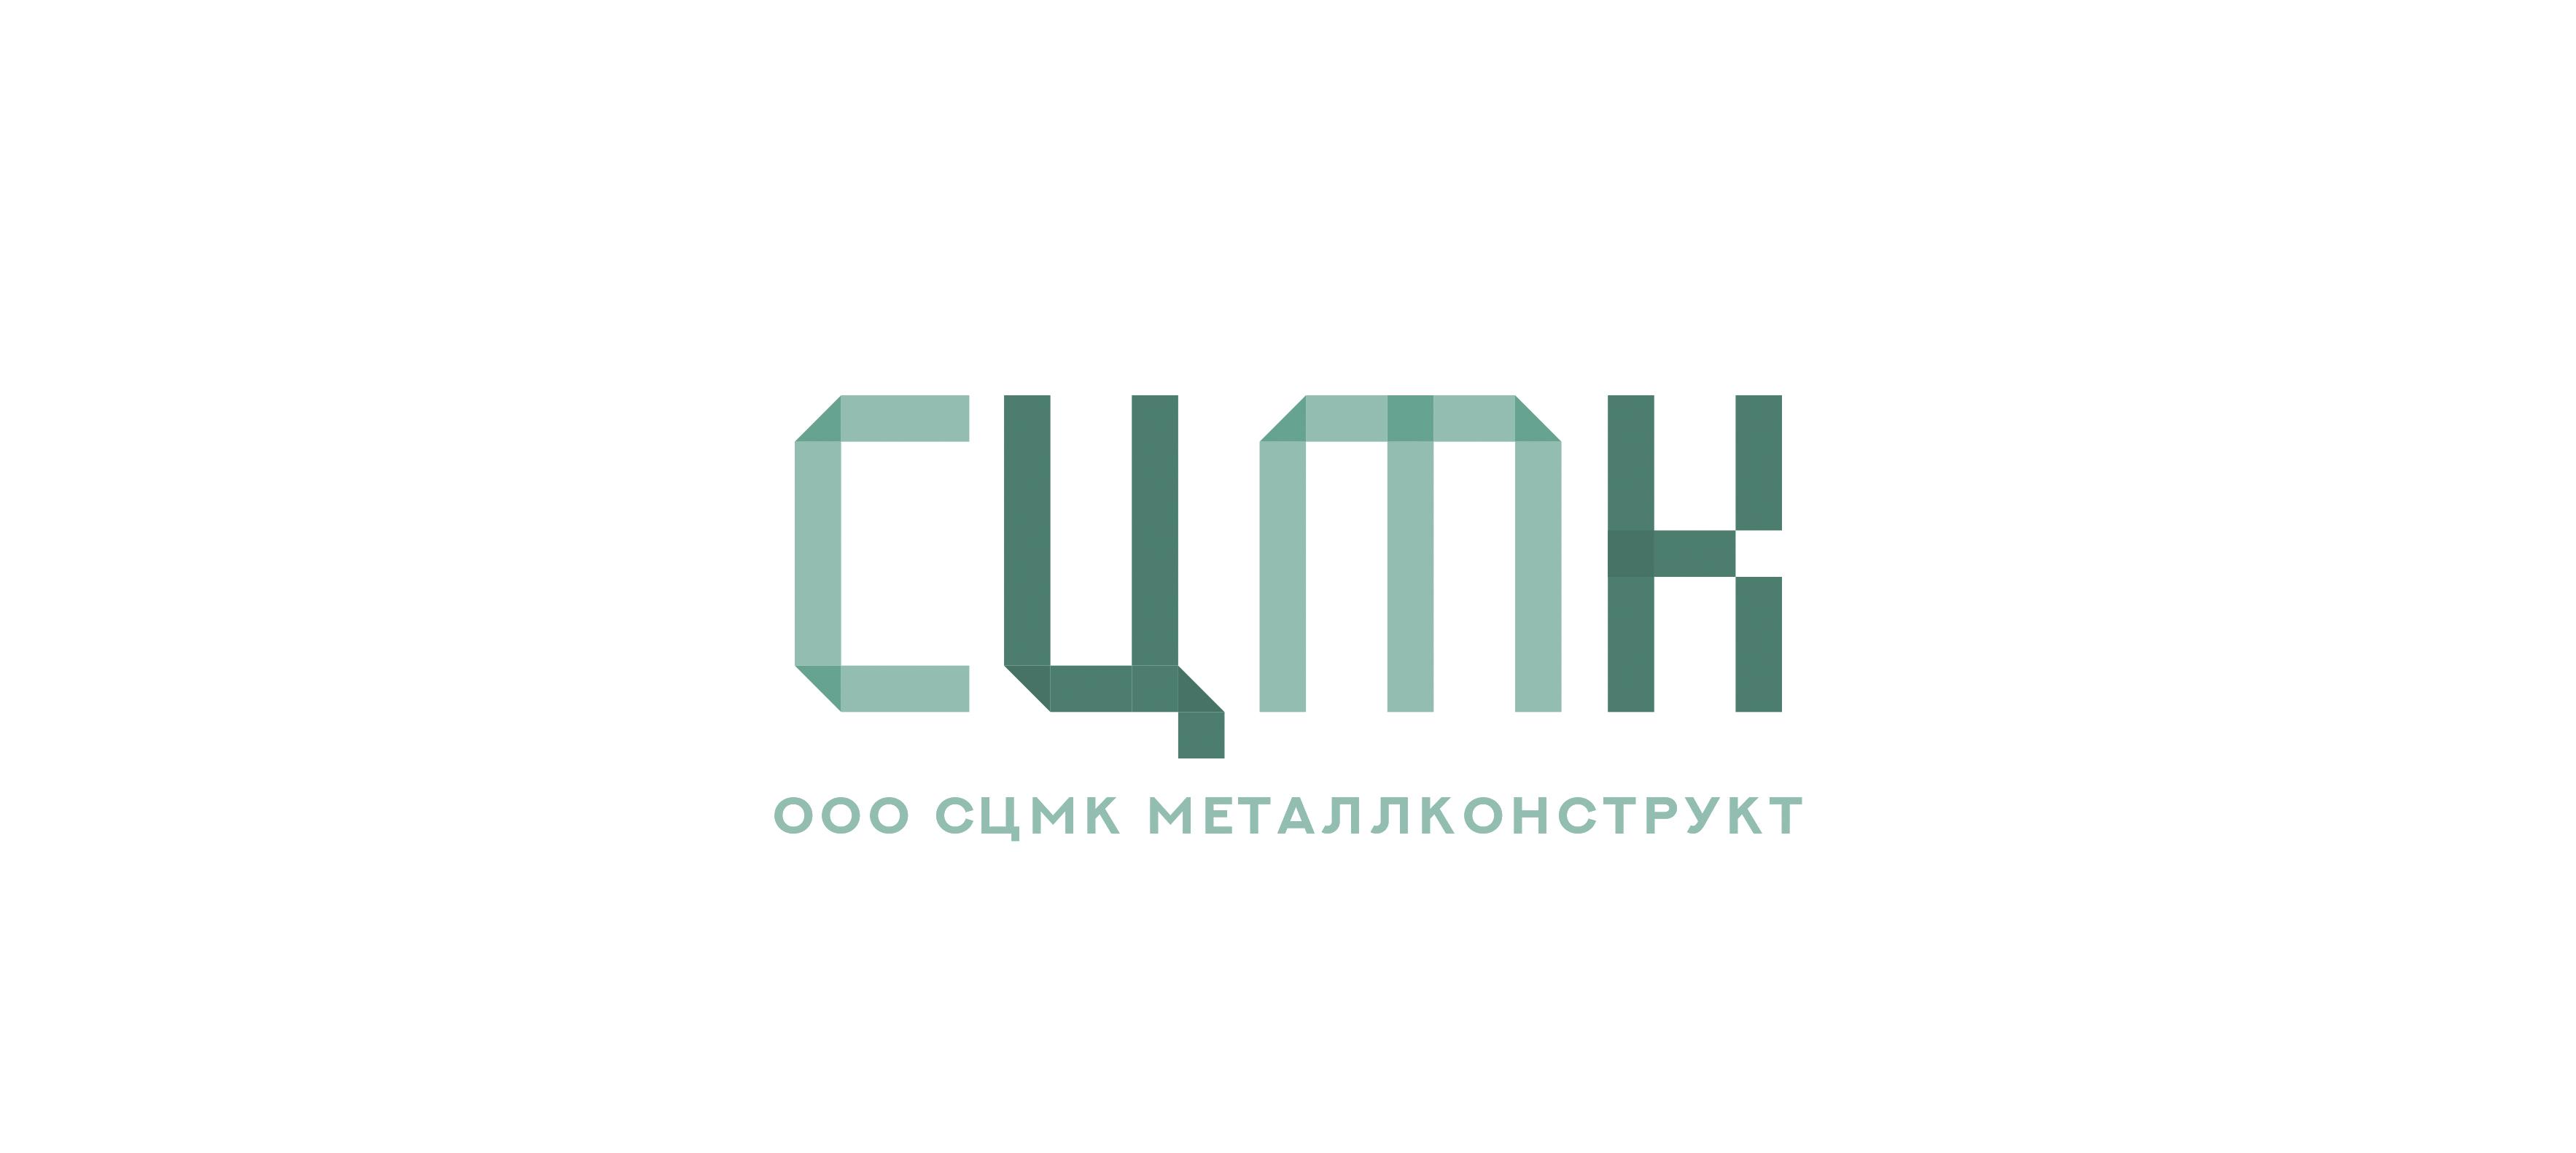 Разработка логотипа и фирменного стиля фото f_1765ad6396cd6837.jpg